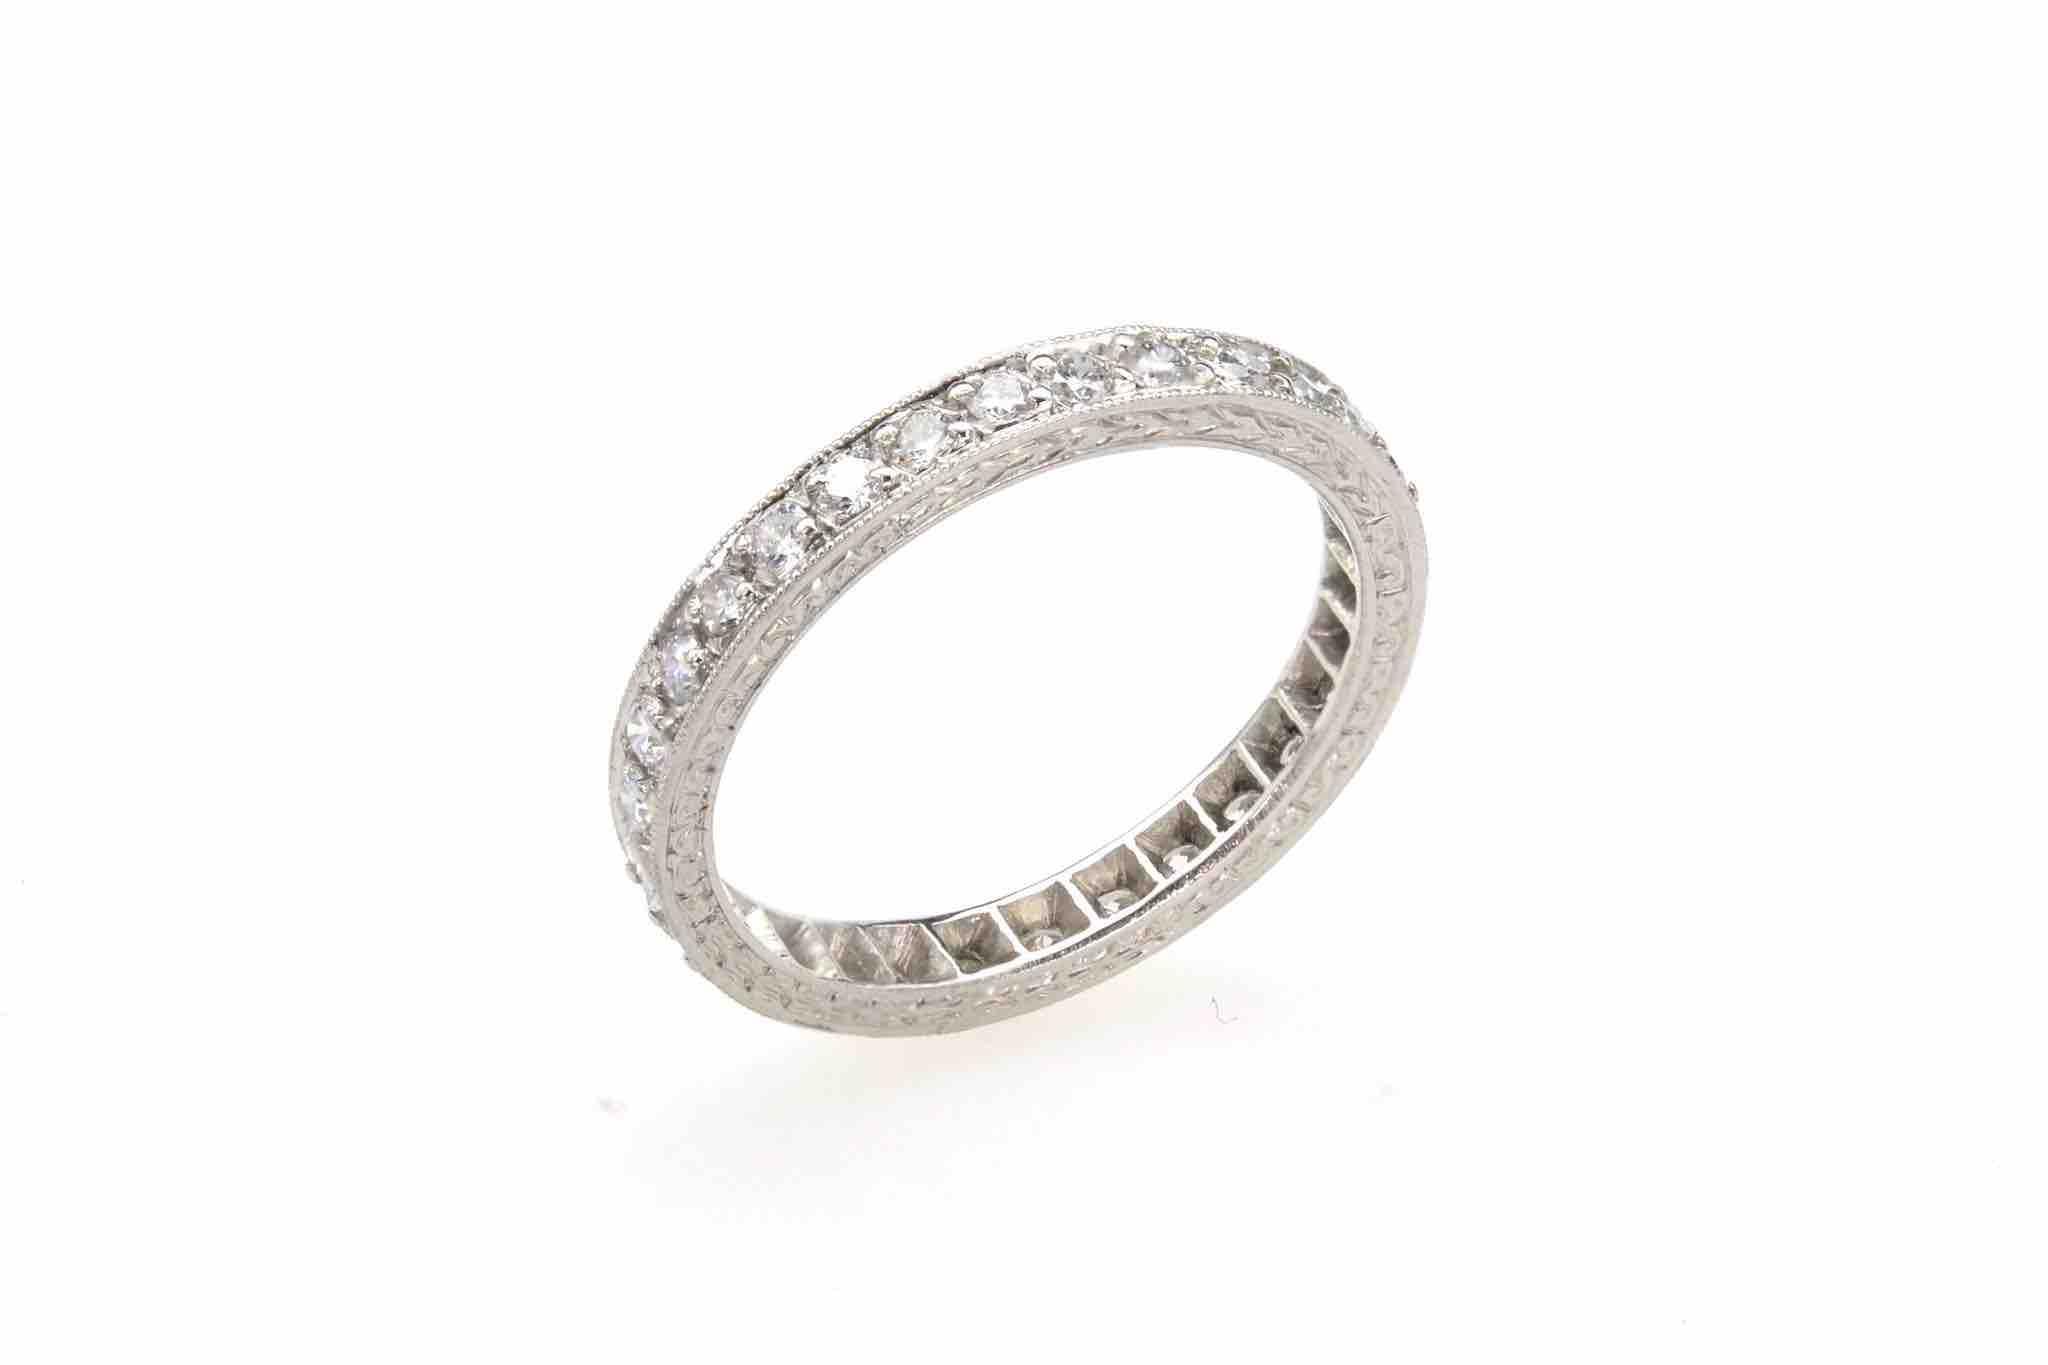 Alliance de création diamants en platine